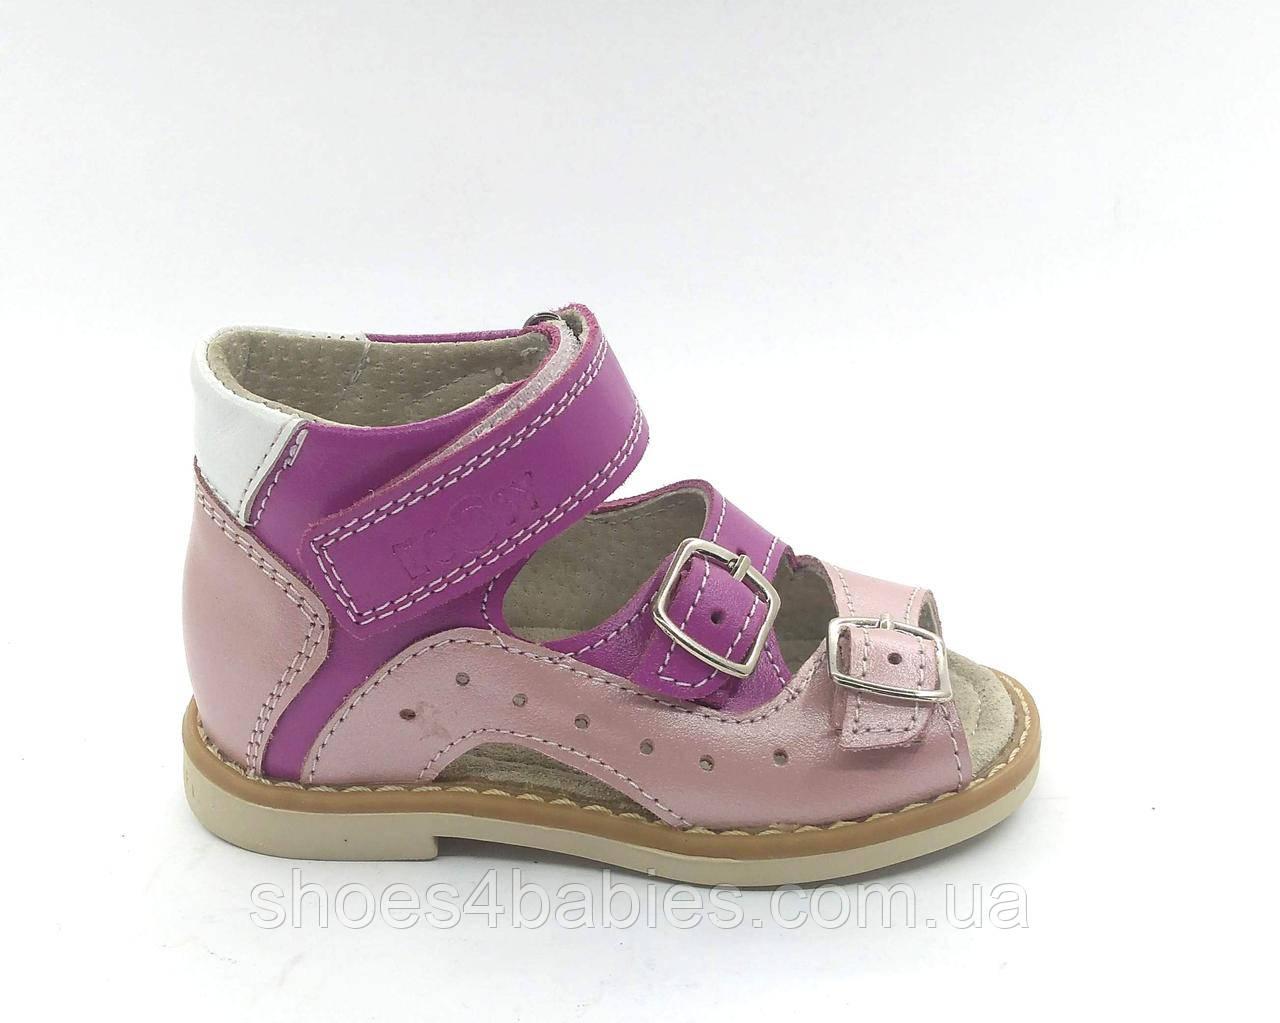 Ортопедичні босоніжки для дівчаток Ecoby (Экоби) р. 20 - 32 модель 020F